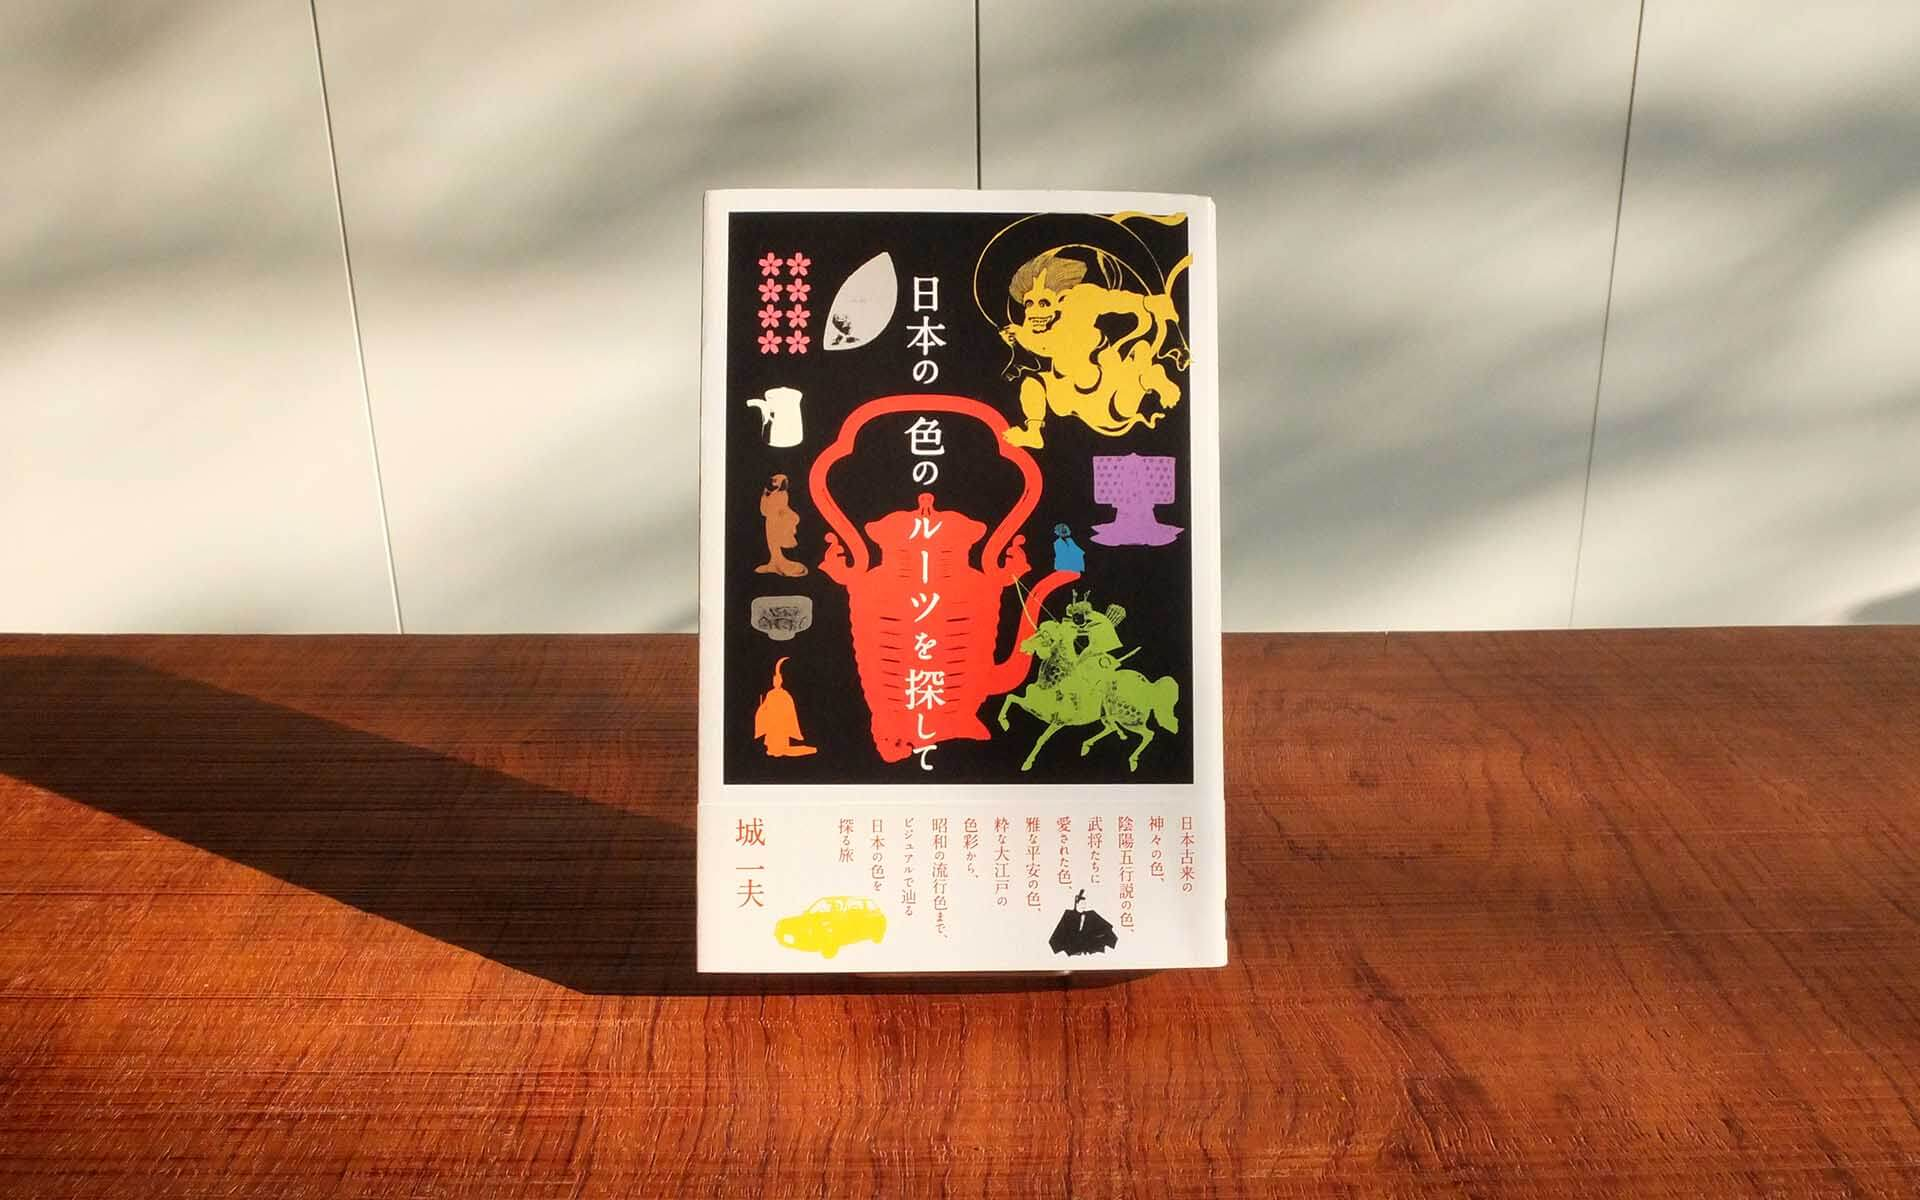 細萱久美が選ぶ、生活と工芸を知る本棚『城一夫 日本の色のルーツを探して』